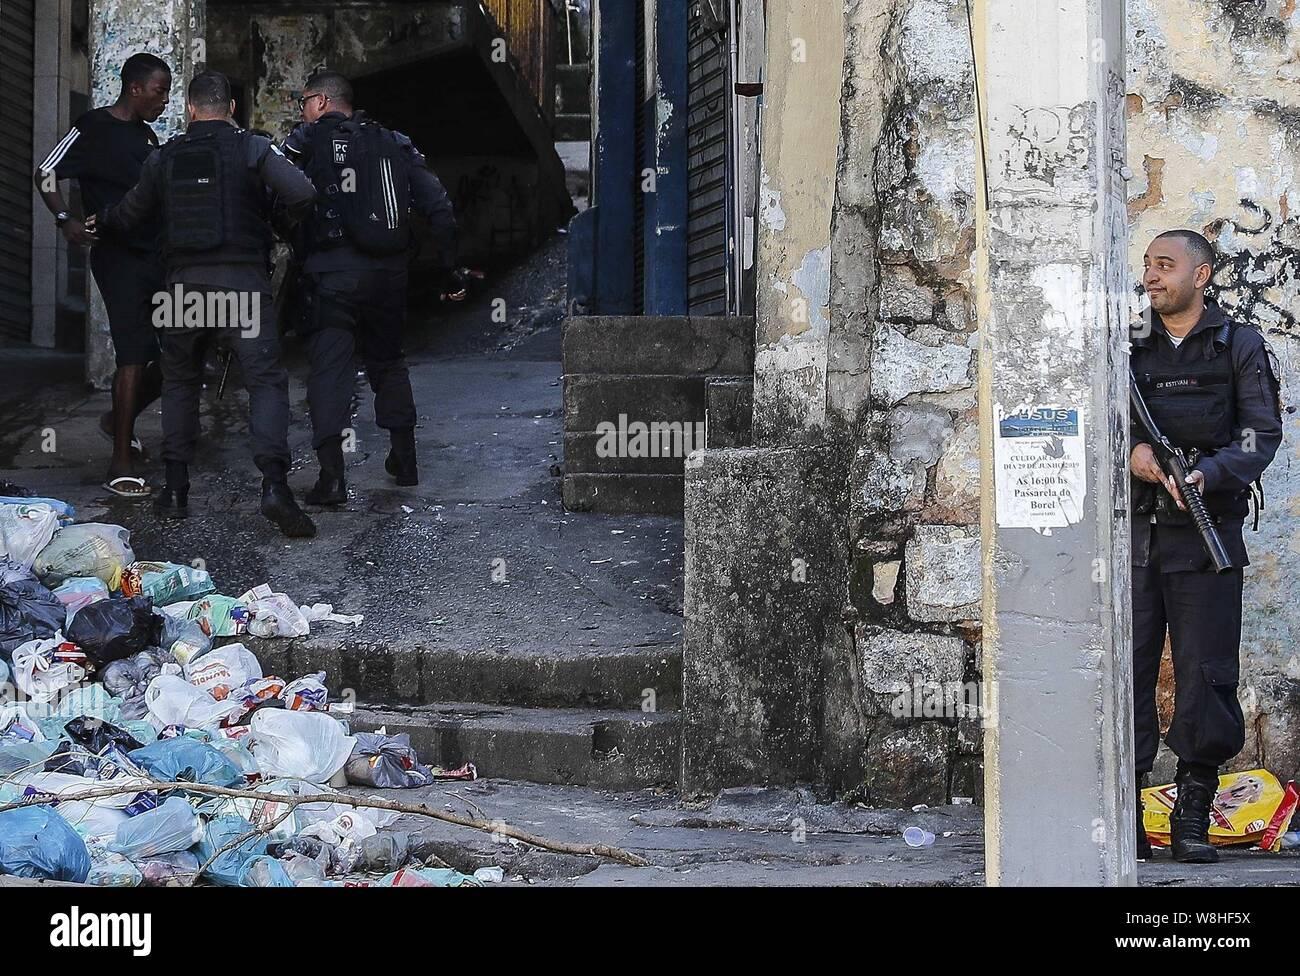 Rio De Janeiro Brazil 09th Aug 2019 Police Officers Register A Man In Rio De Janeiro